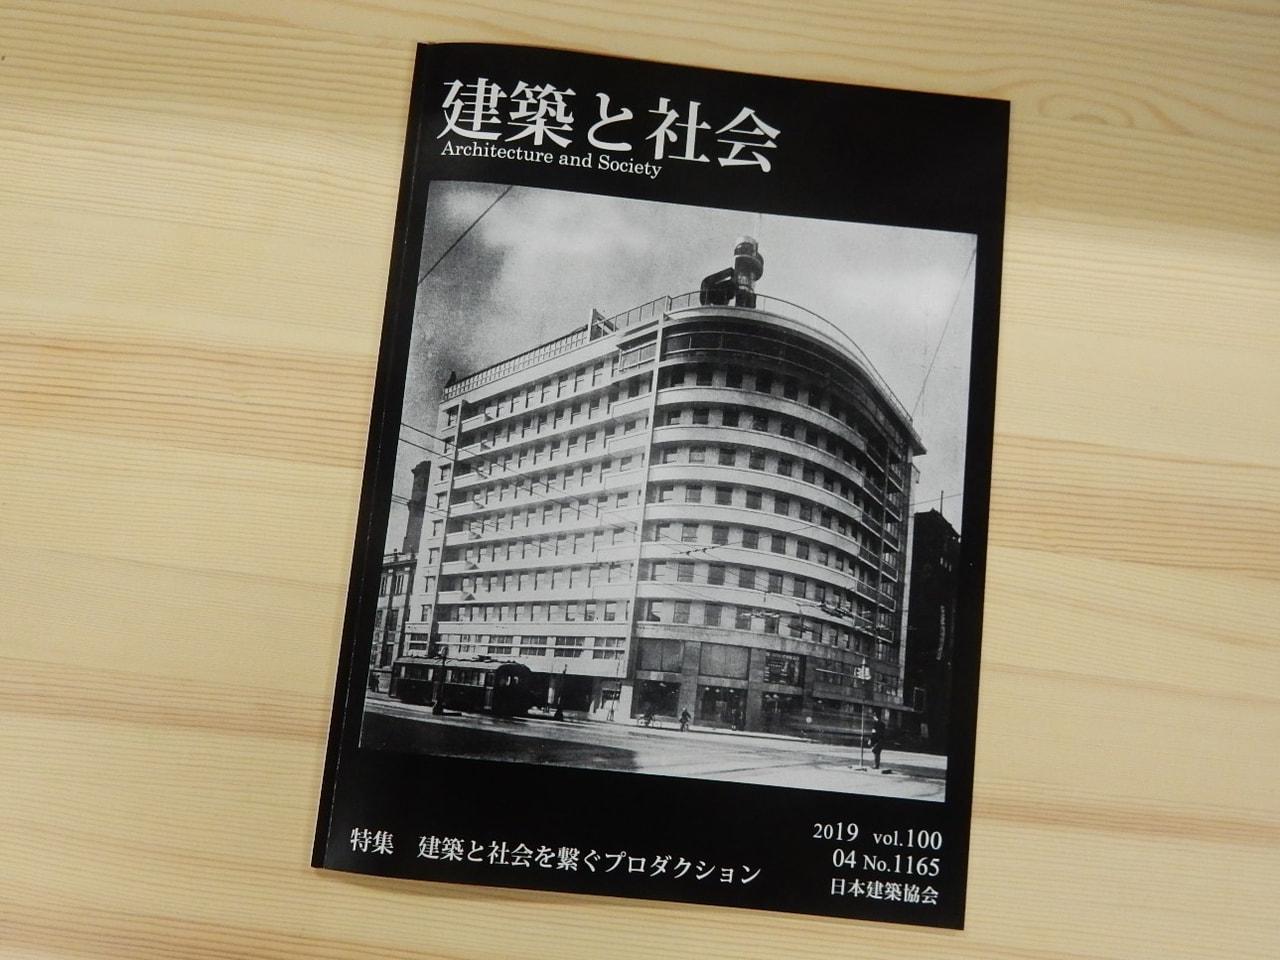 『建築と社会』に白須先生が設計された「大正通りポケット」が掲載されました